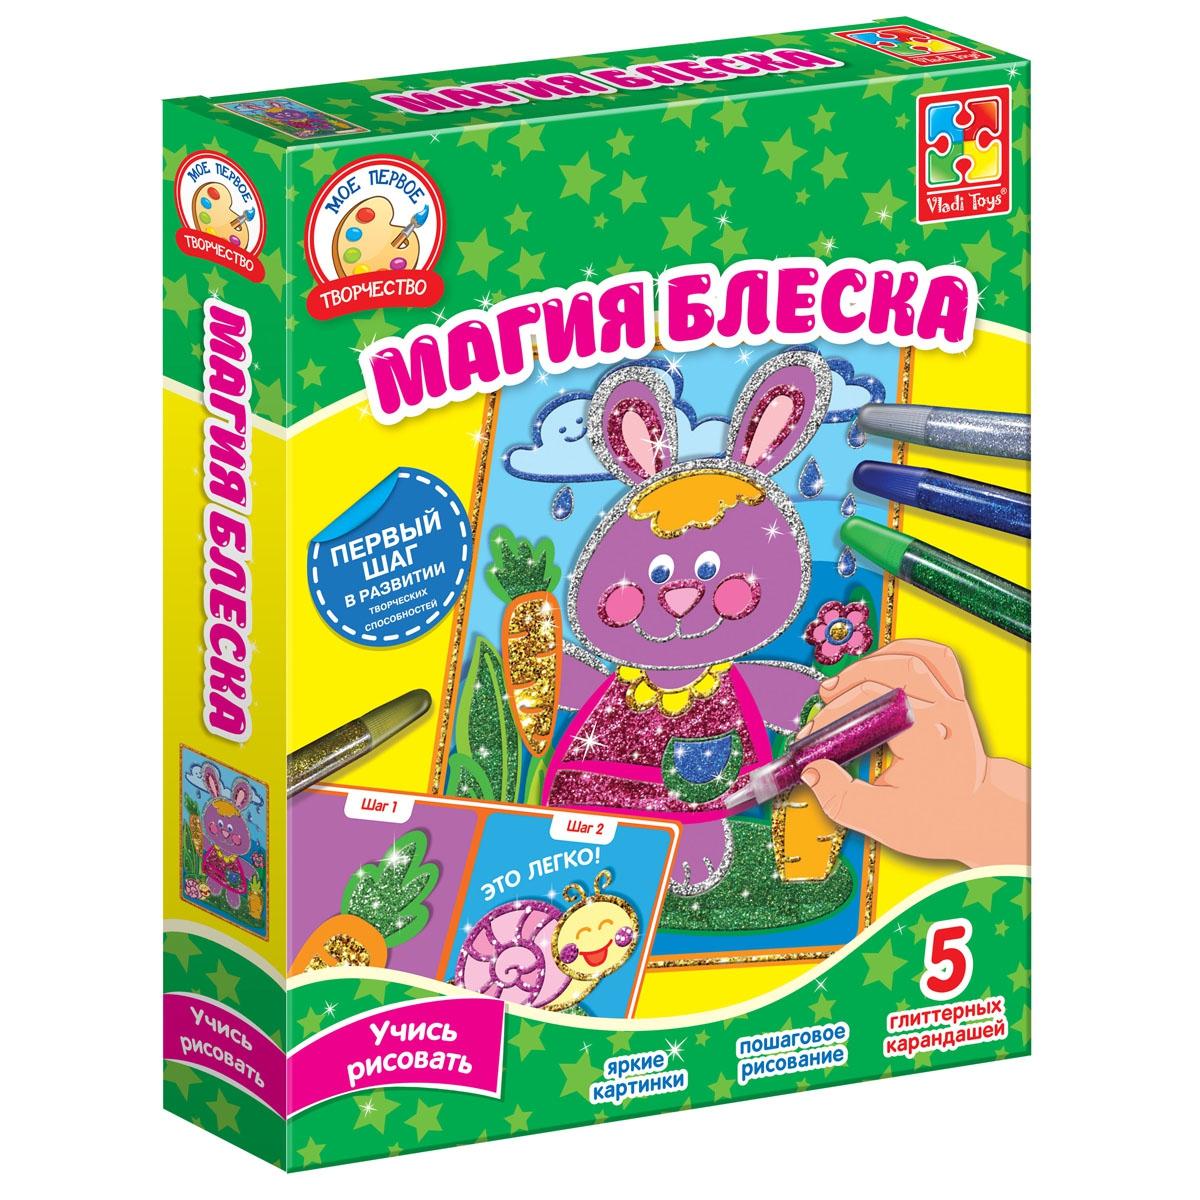 Наборы для творчества Vladi Toys Магия блеска Зайка наборы для творчества vladi toys набор для творчества рисоварики магия блеска ежик